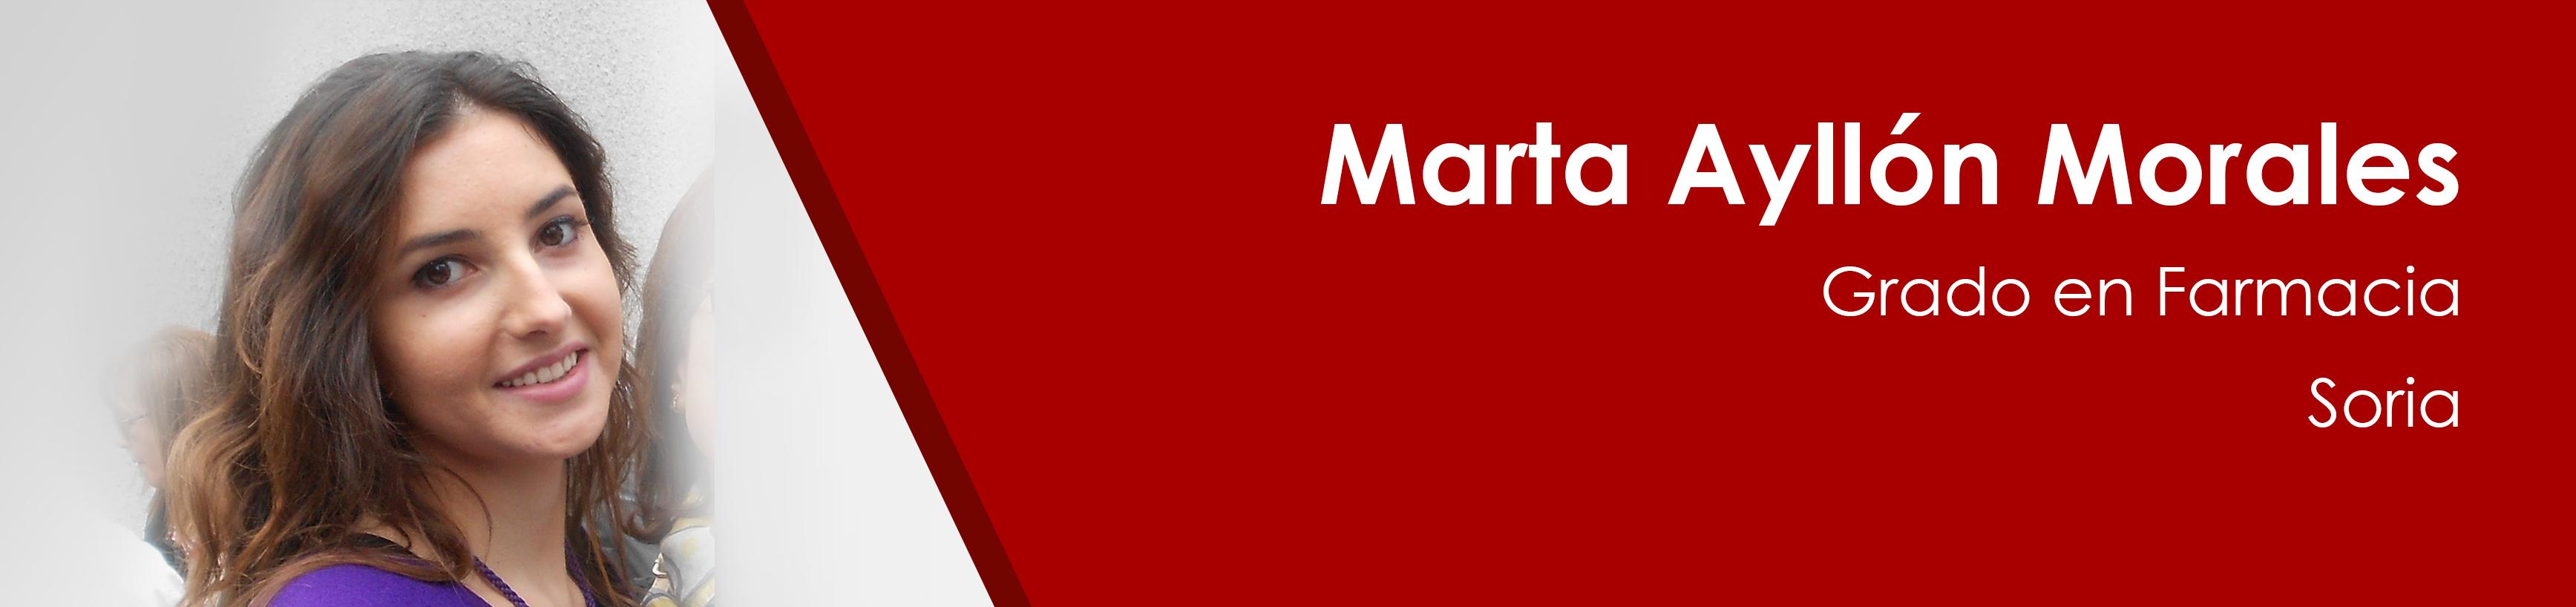 marta-ayllon-morales-destacada